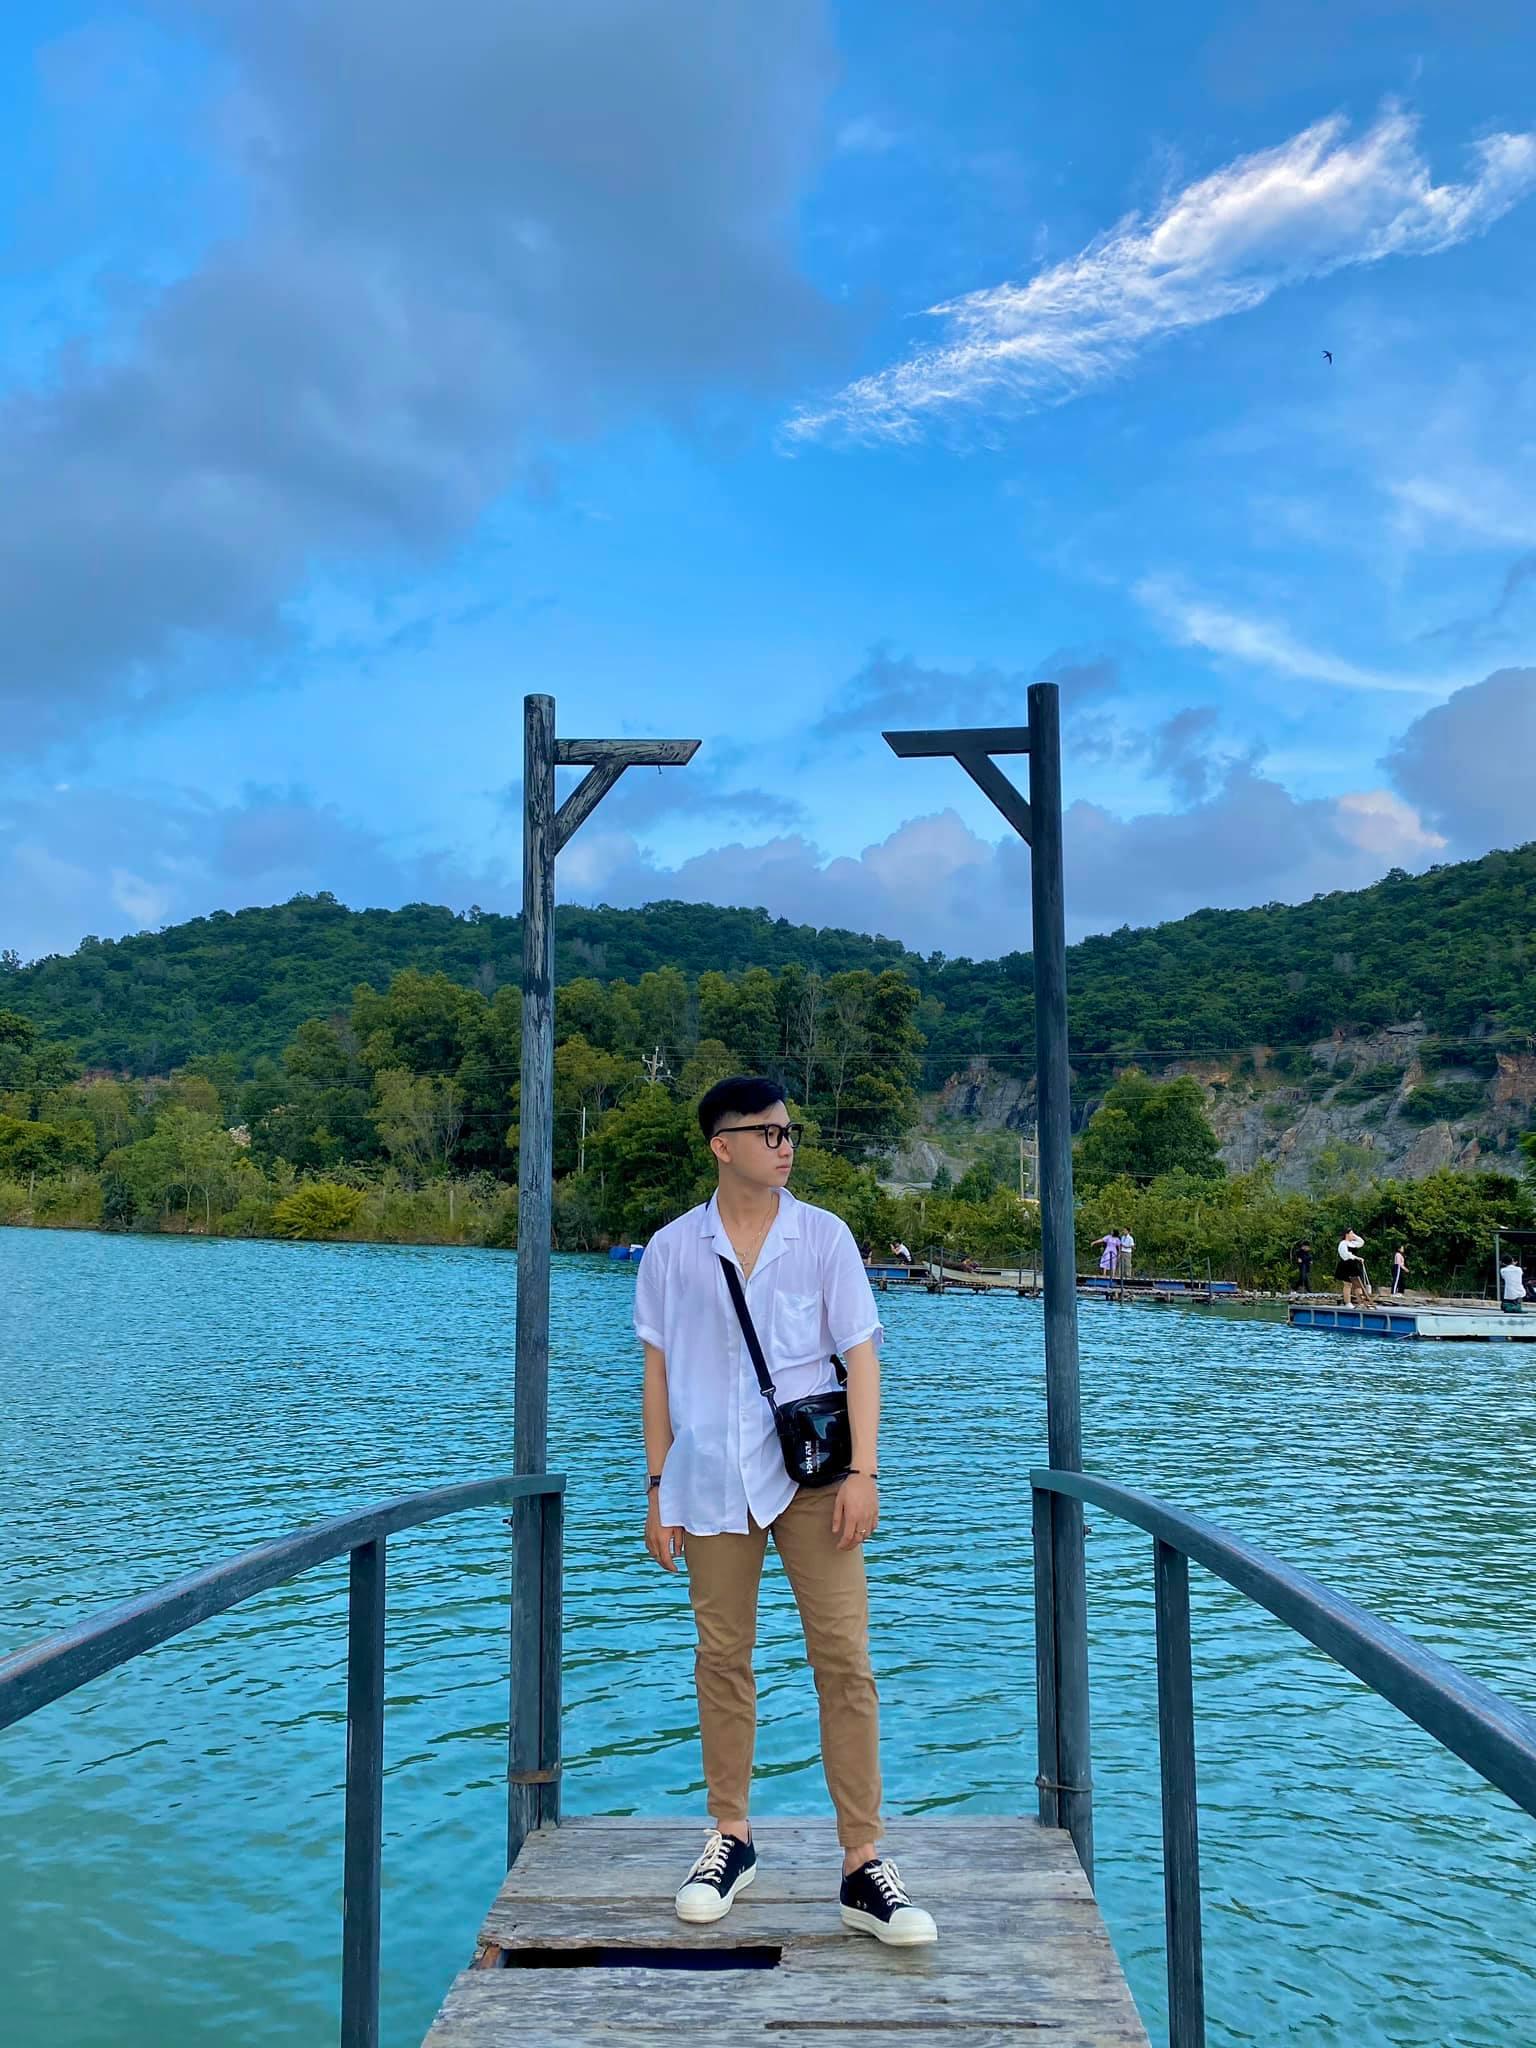 Bật mí 5 góc chụp 'đẹp miễn chê' tại hồ Đá Xanh, Vũng Tàu  - Ảnh 7.